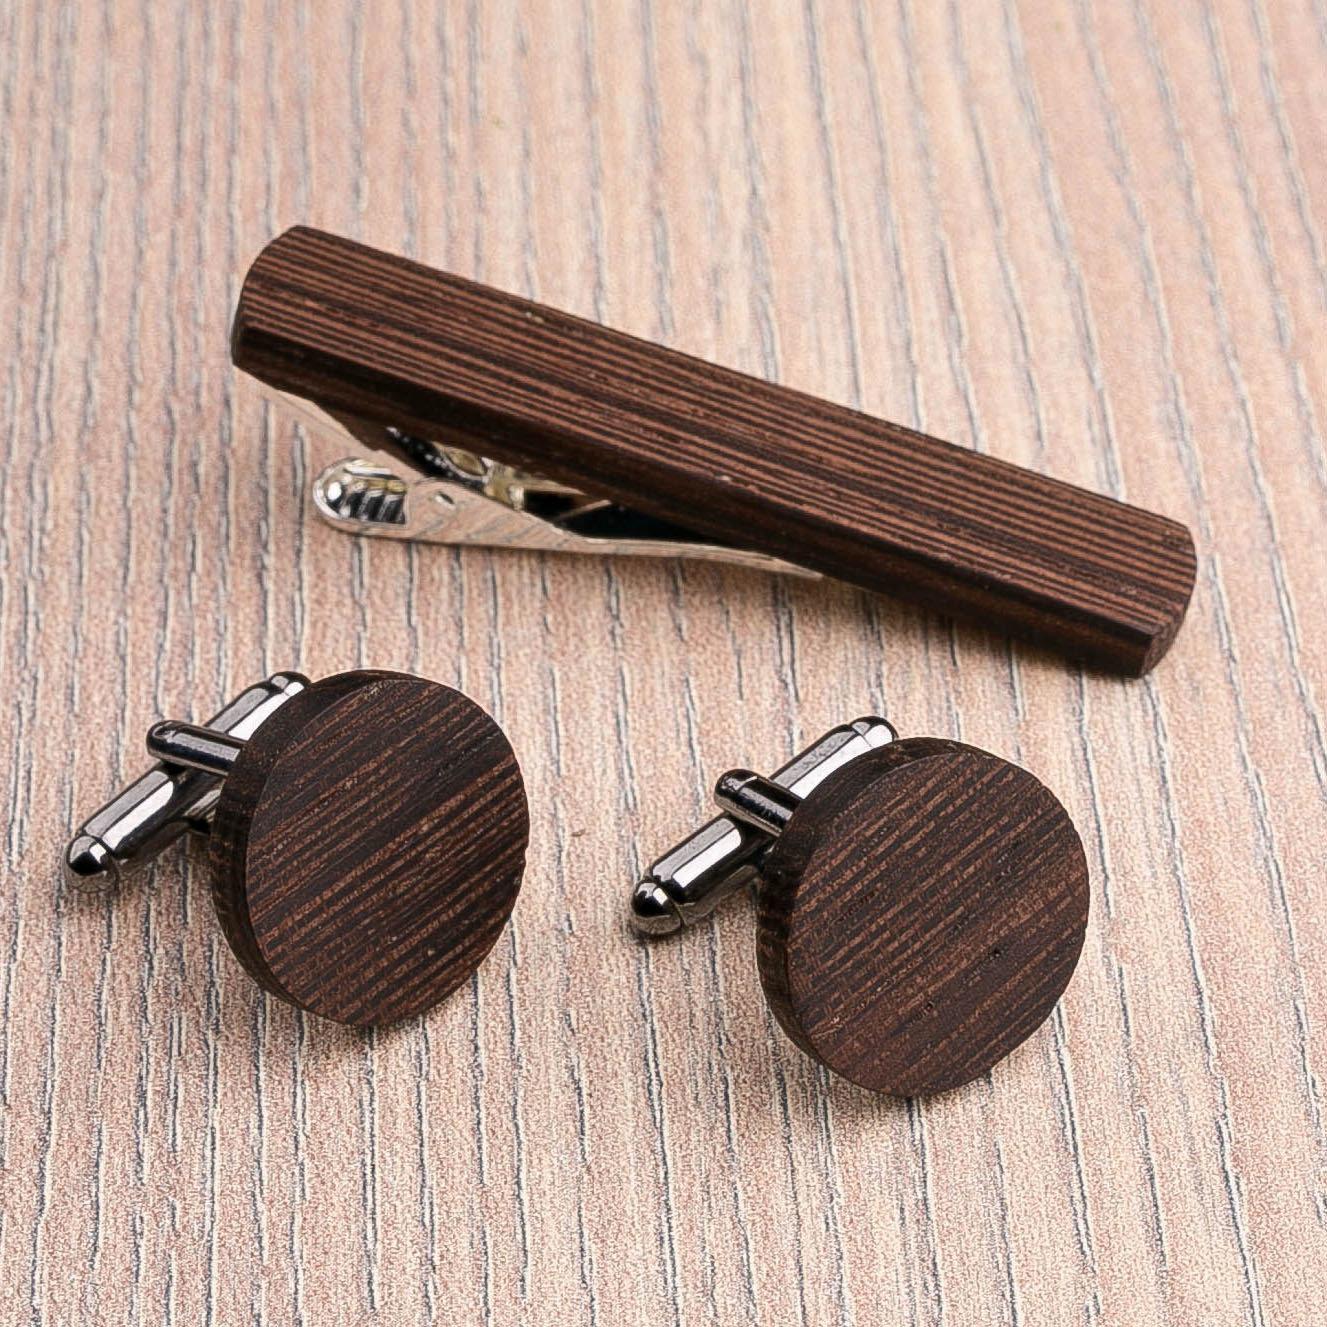 Комплект: Круглые запонки из дерева и Деревянный зажим для галстука. Массив венге. Гравировка инициалов. Упаковка в комплекте CufflinksSet-RoundWenge